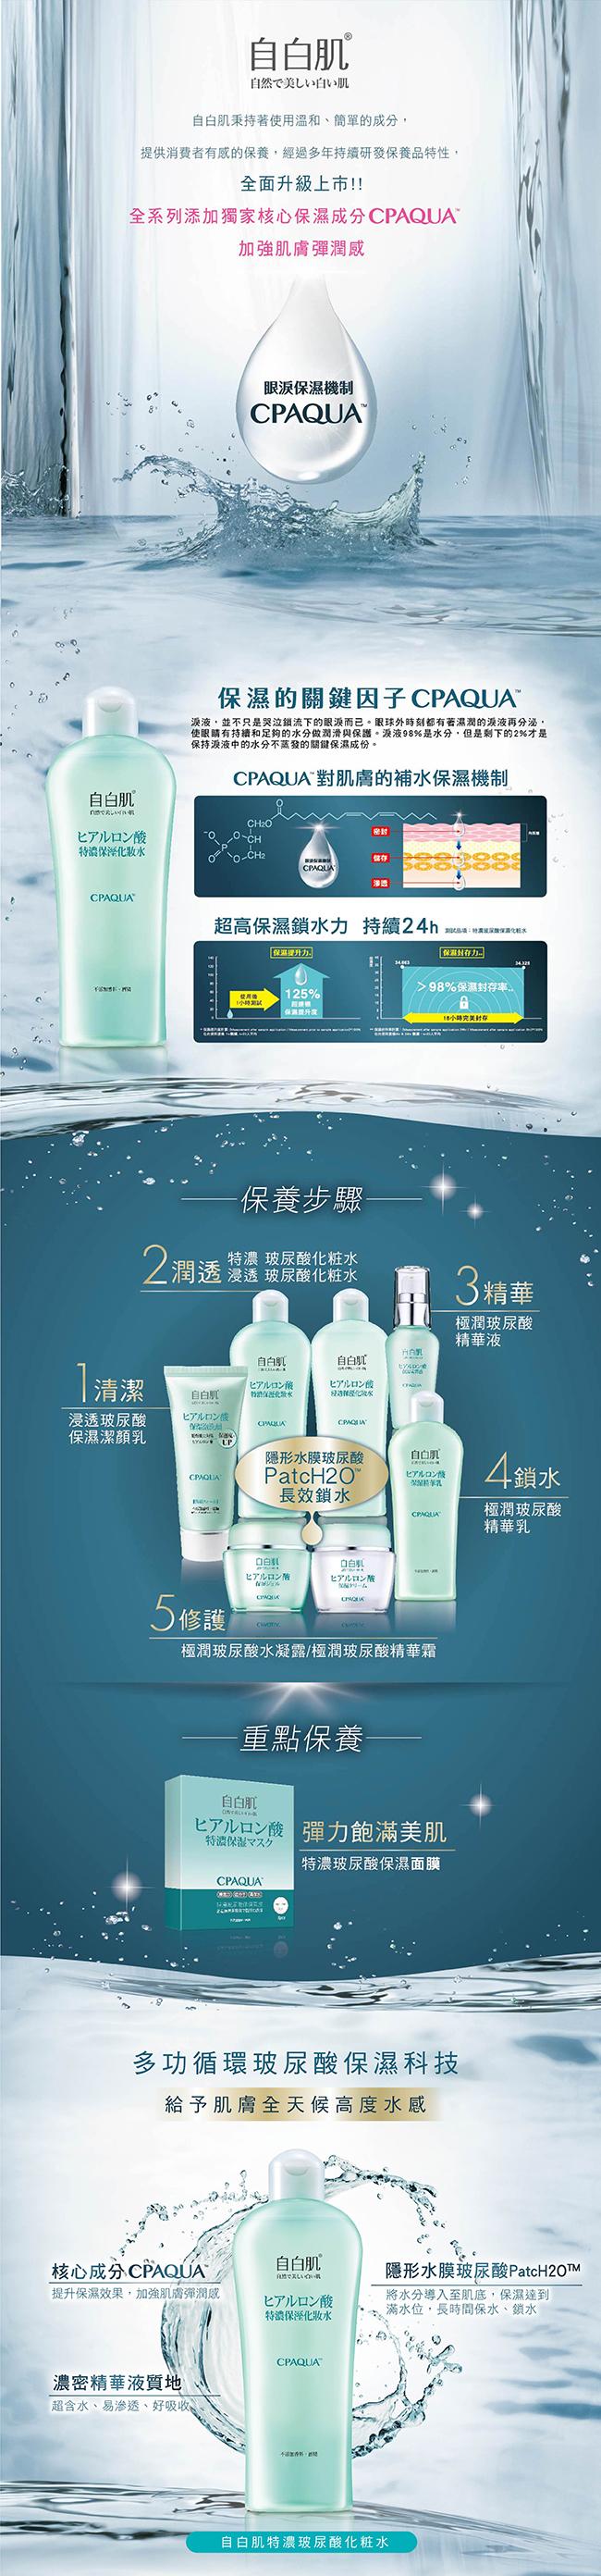 化妝水 臉部保養 玻尿酸 化妝水 化妝水 玻尿酸 臉部保養